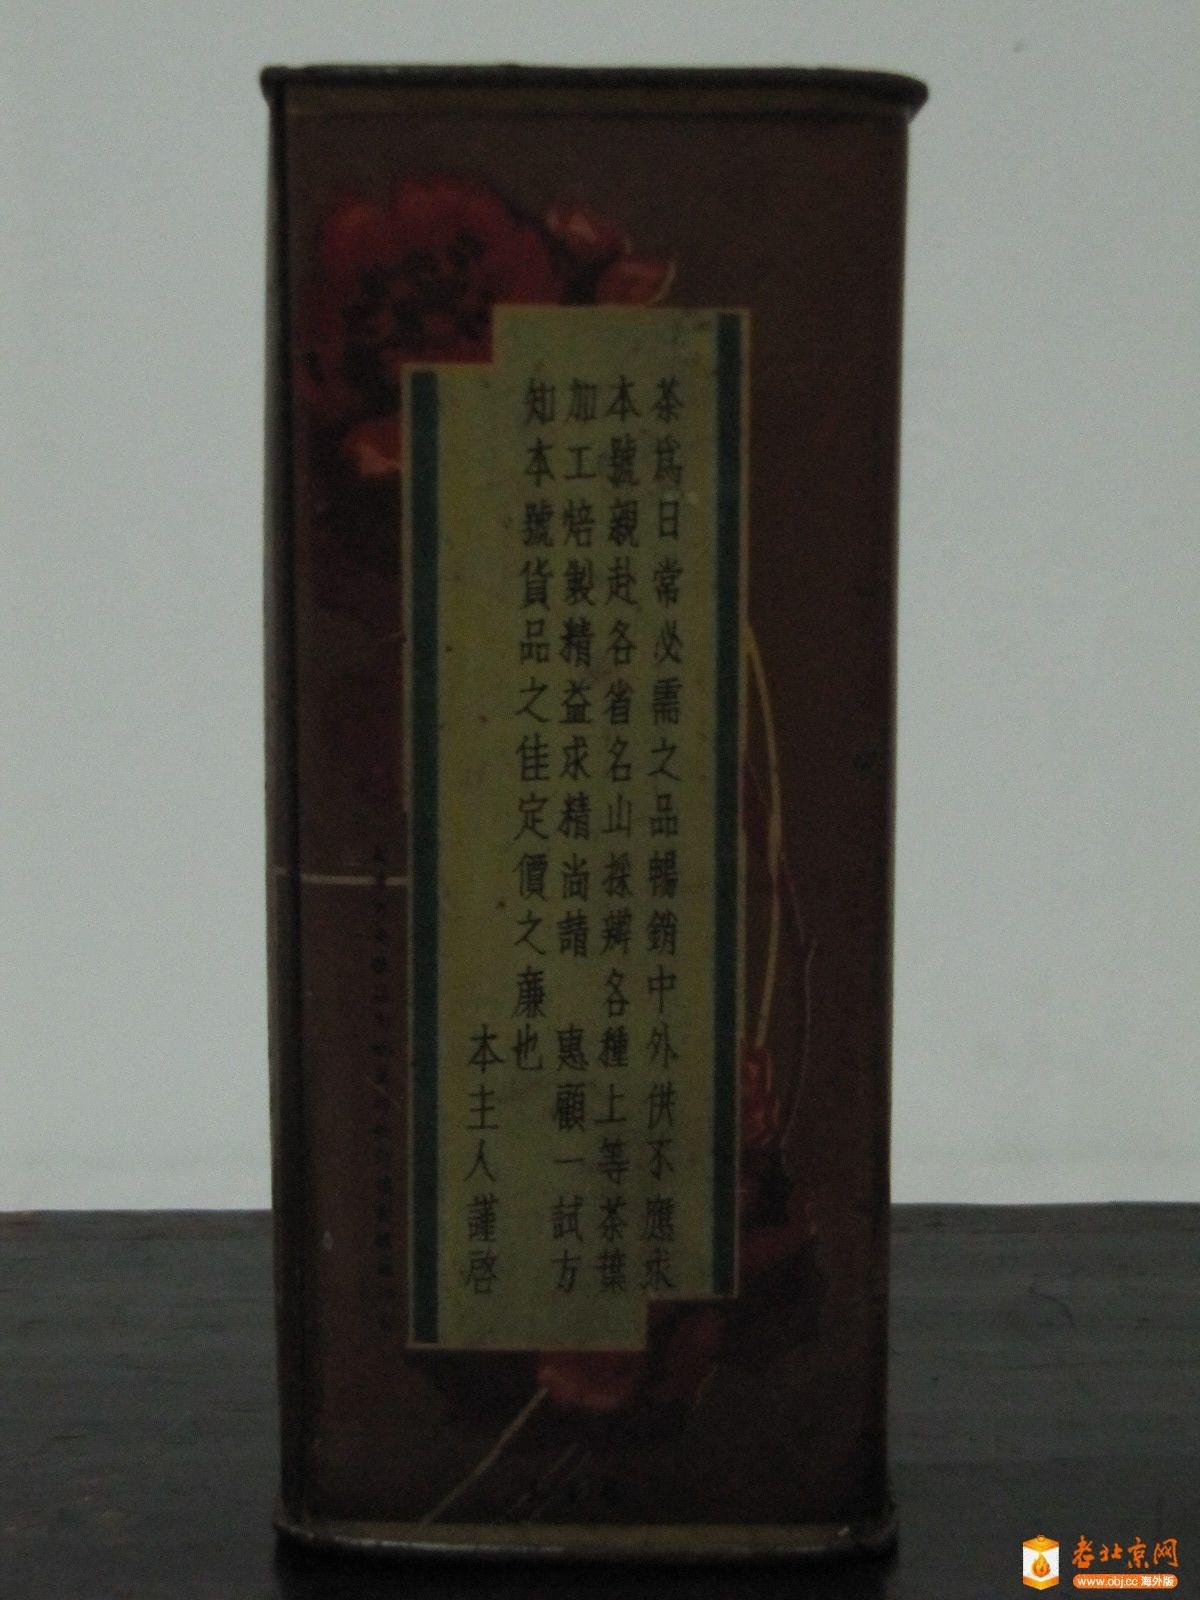 吴德泰-方-3.JPG